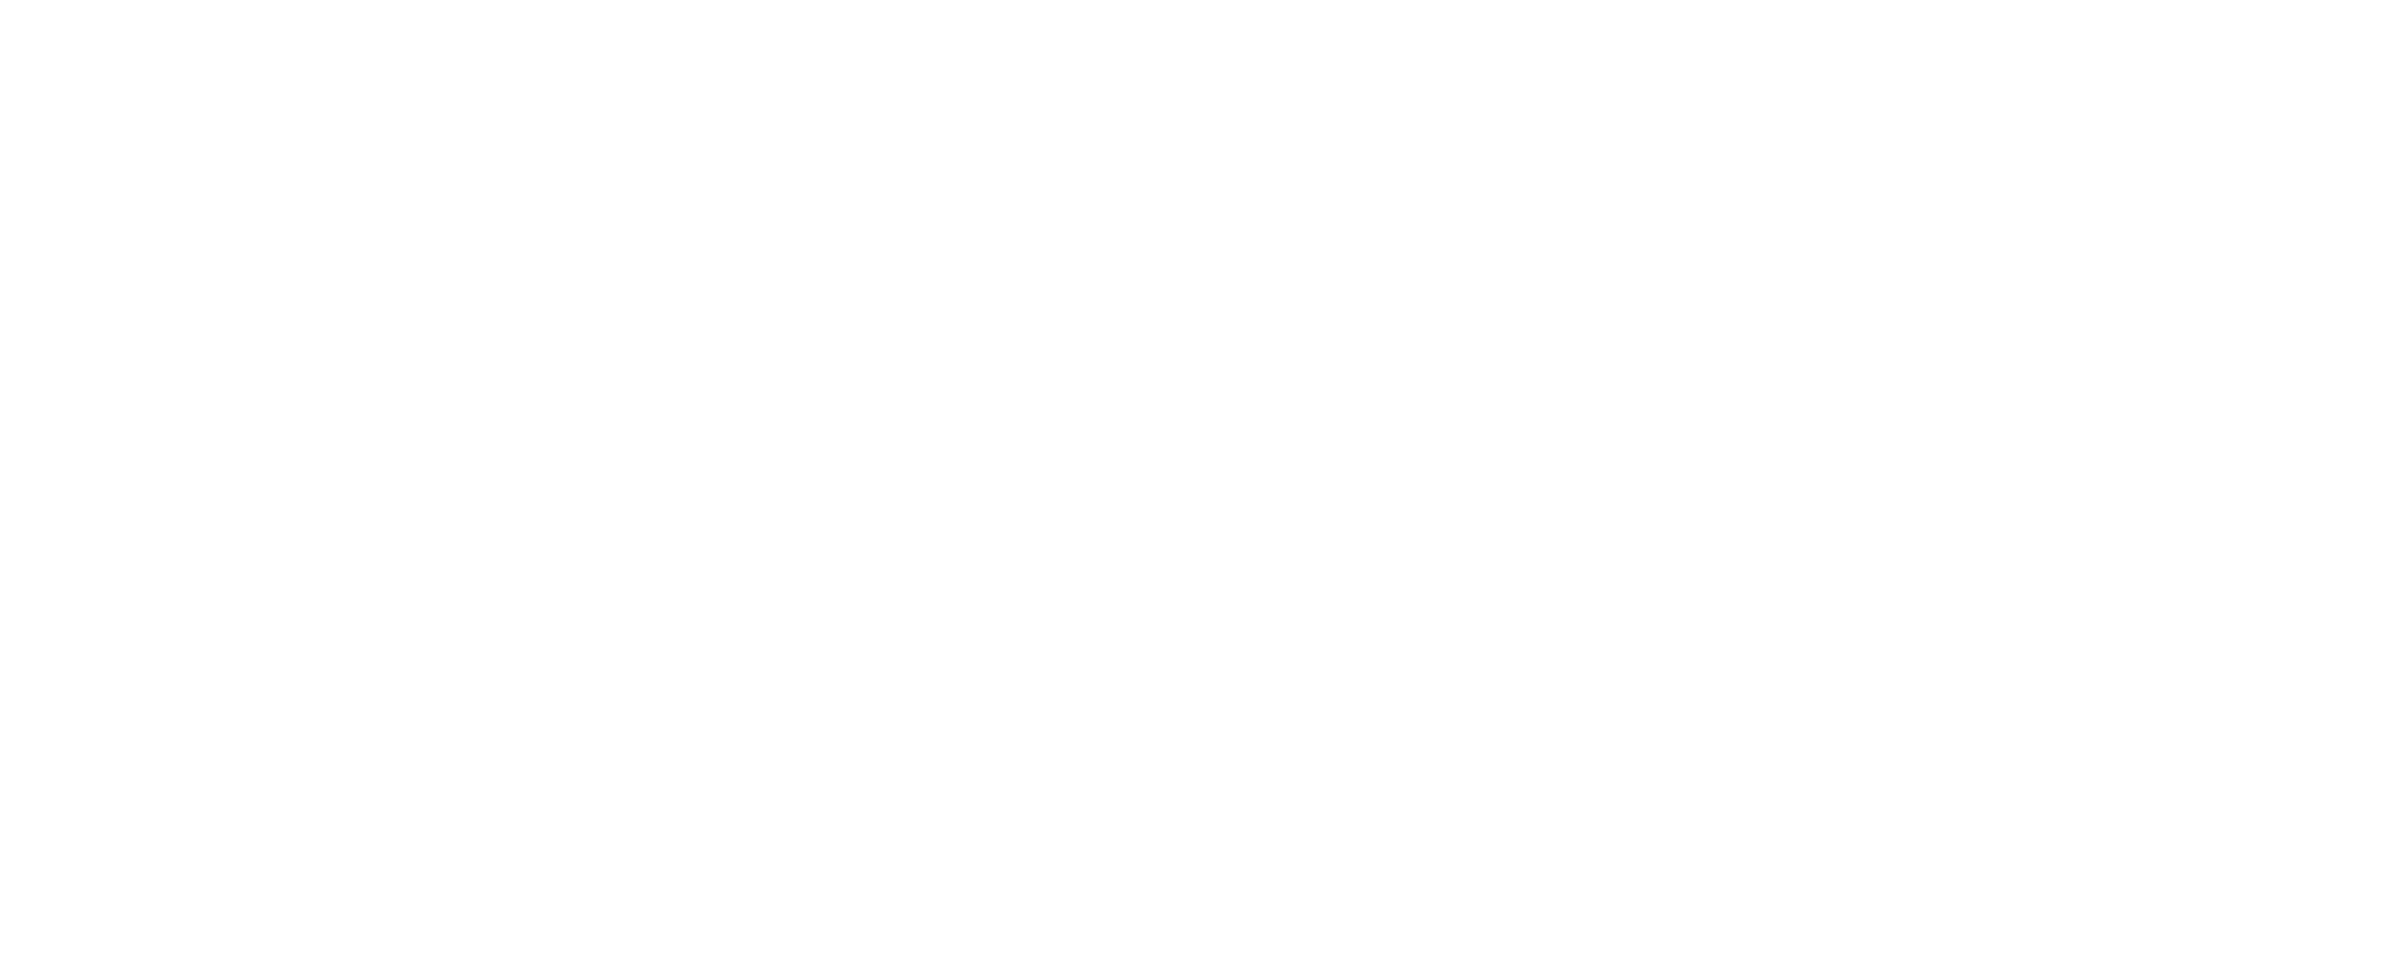 Demo-Slide